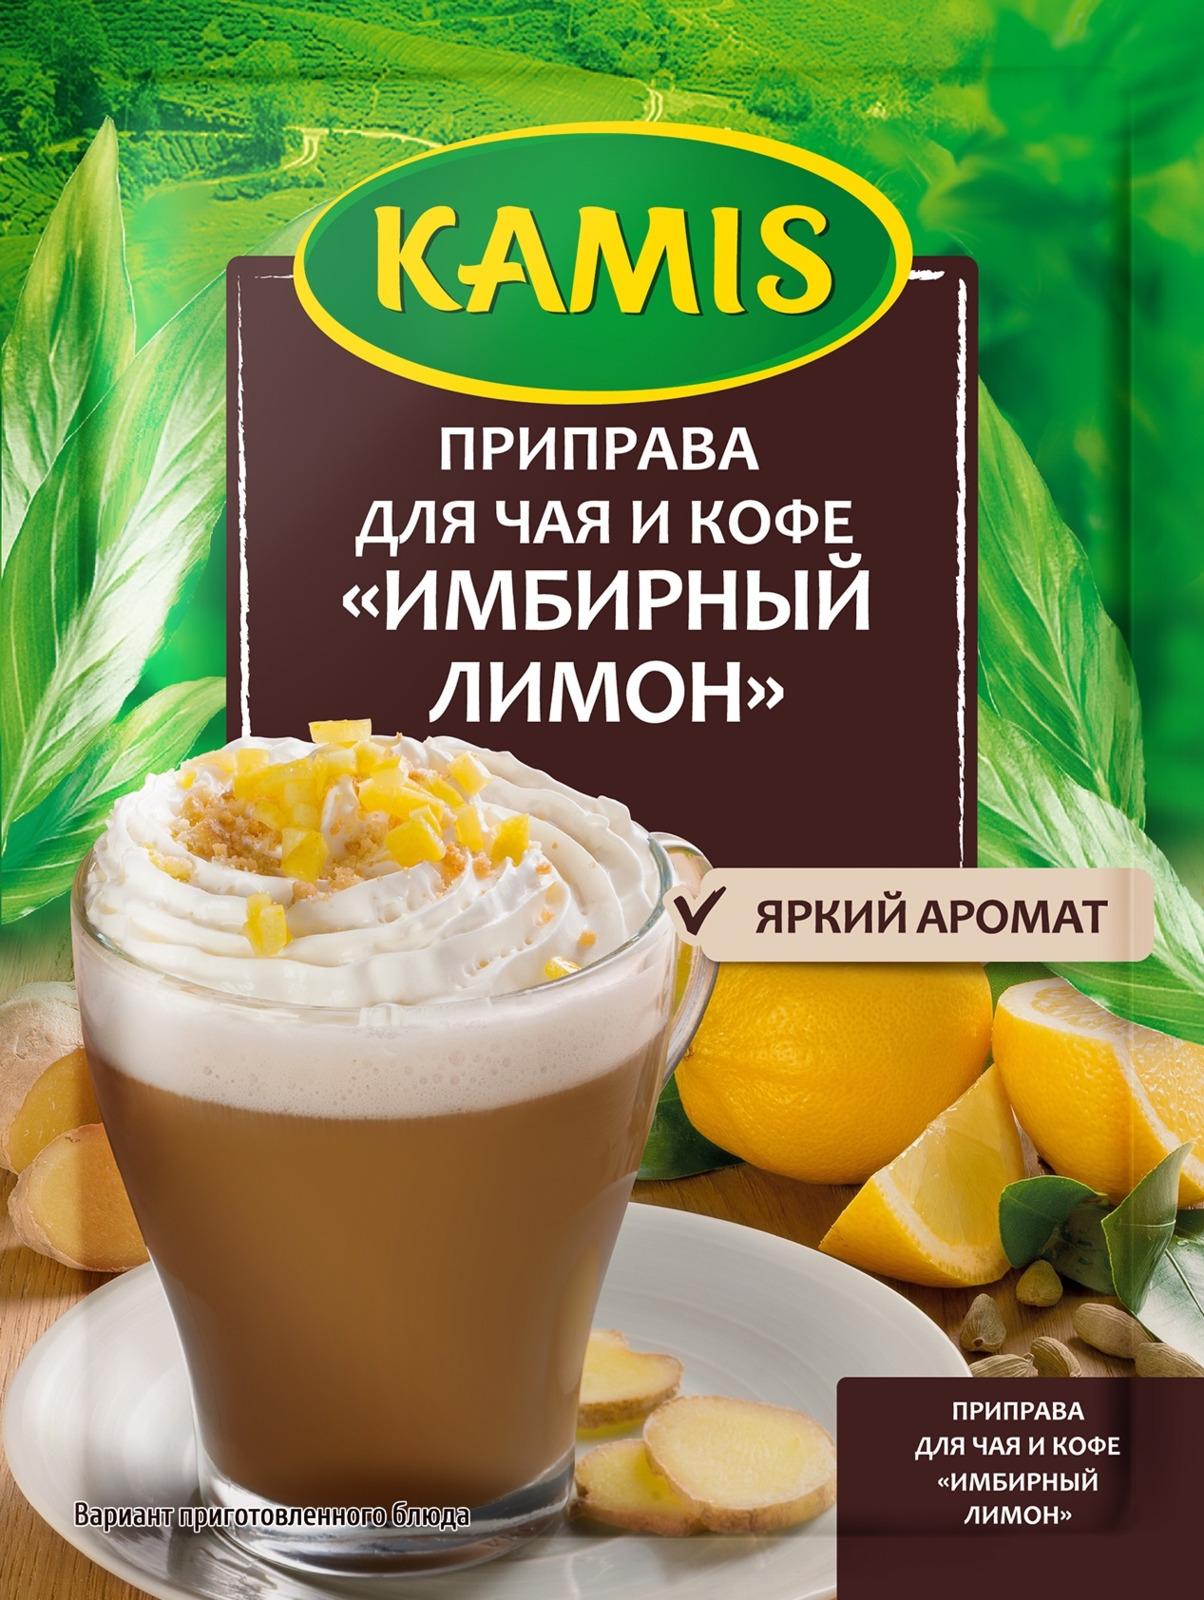 Приправа Kamis Имбирный лимон, для чая и кофе, 20 г